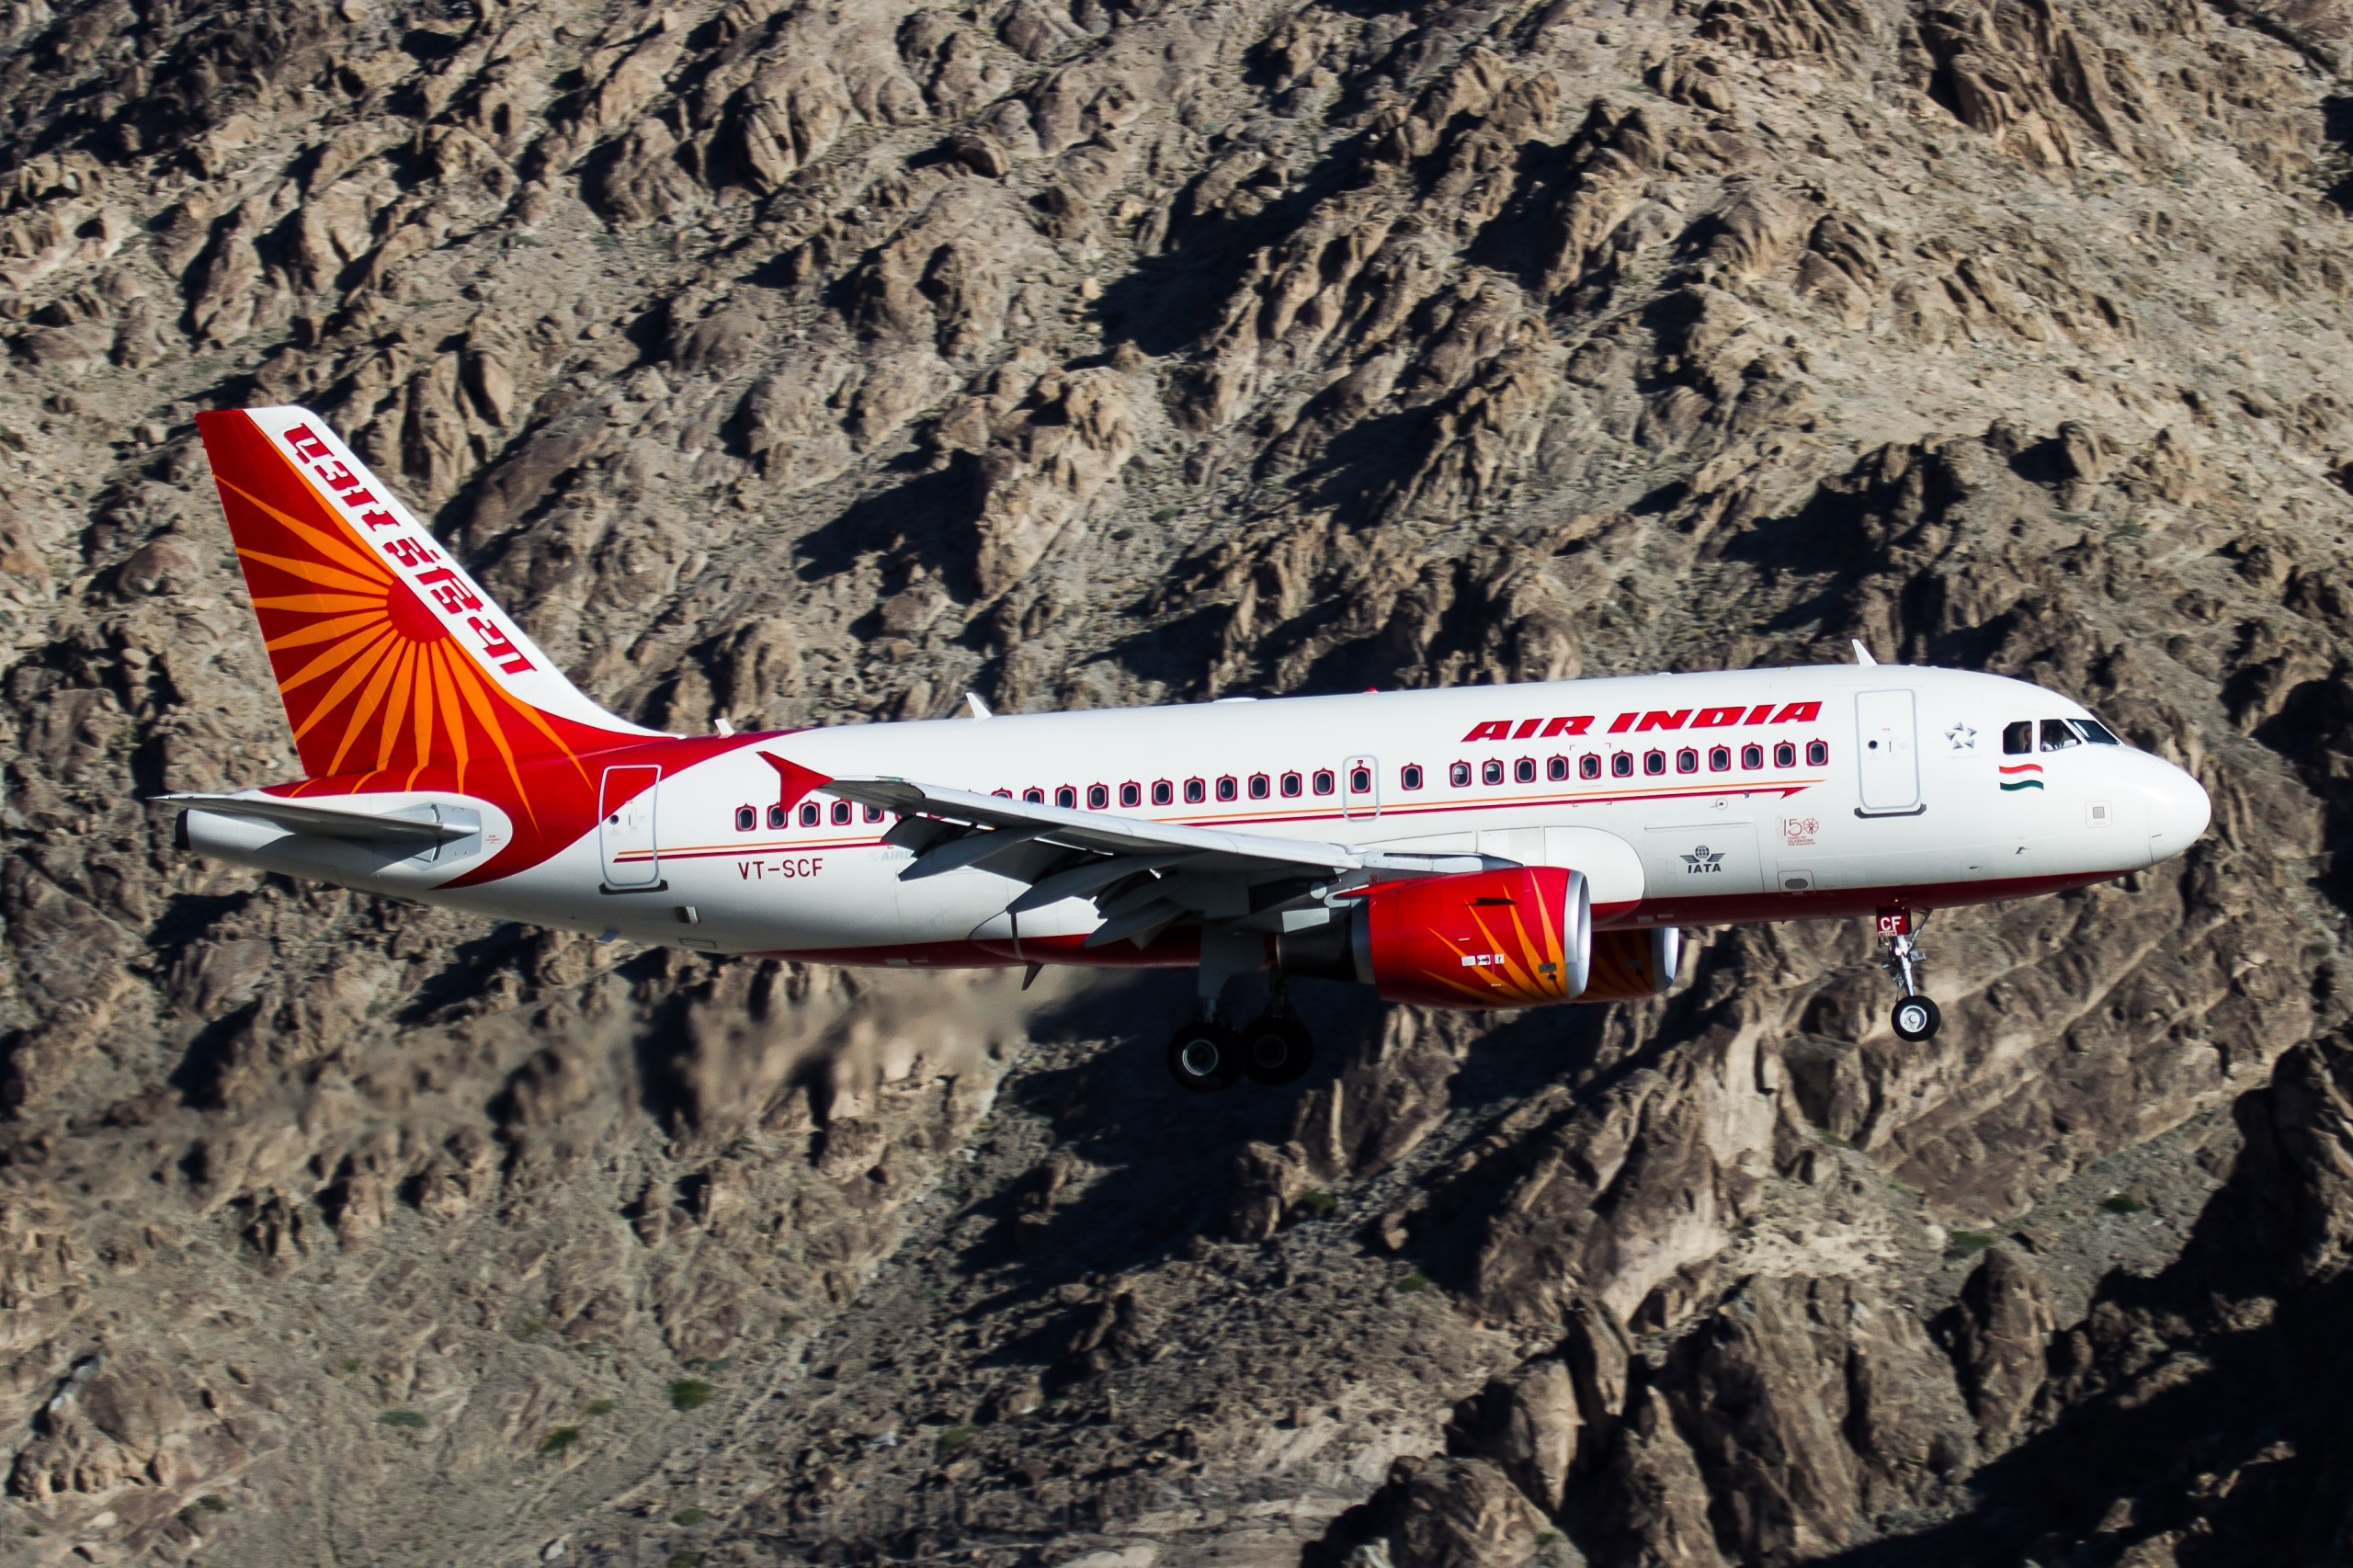 Air India plane through mountains